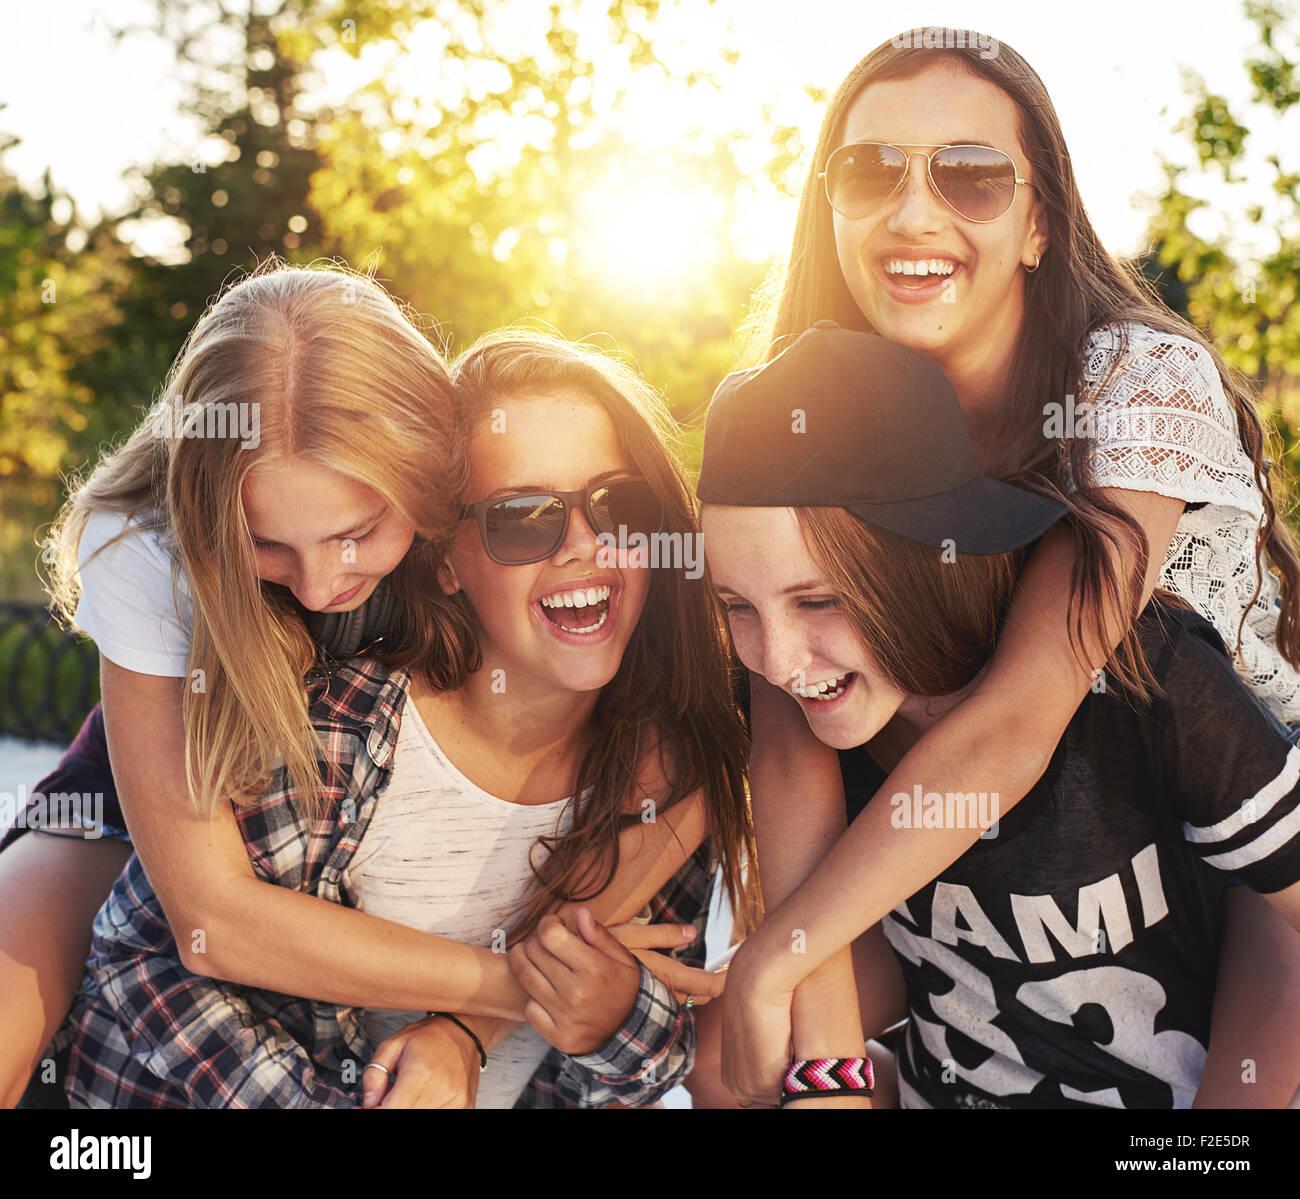 Groupe d'amis à rire et s'amuser Photo Stock